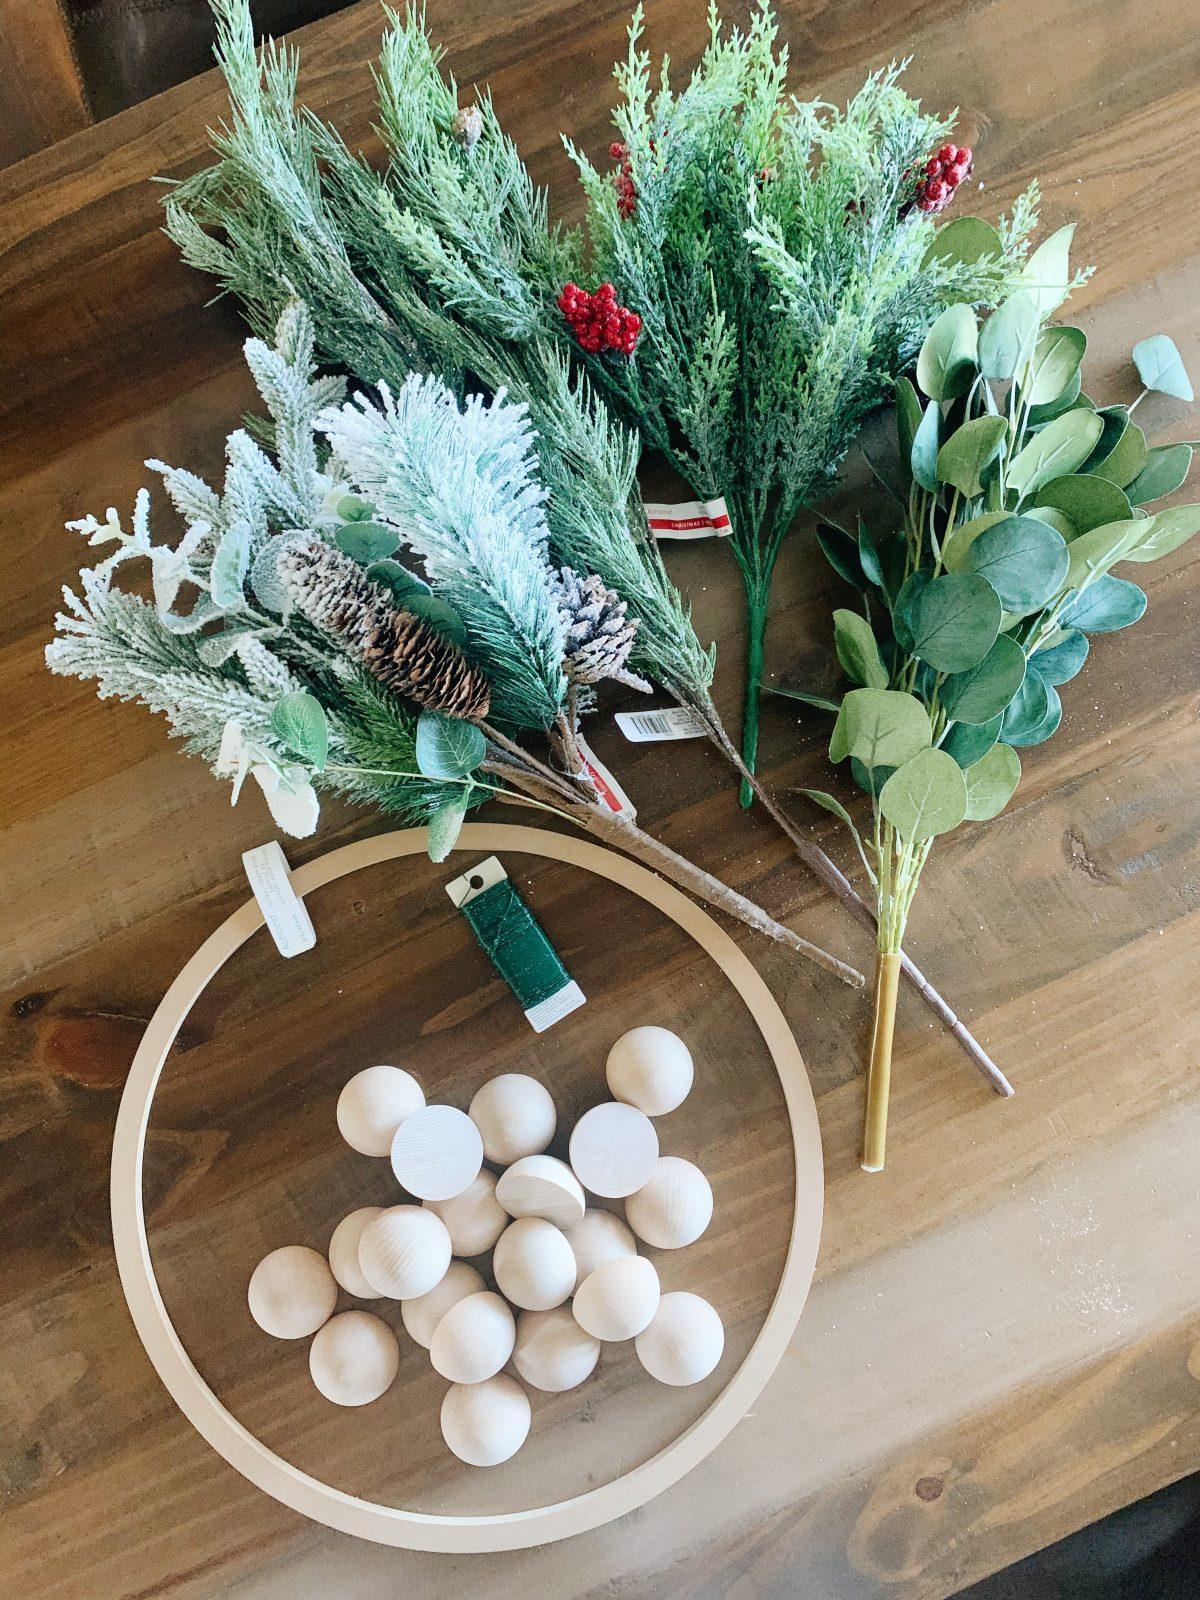 Wooden ball wreath DIY